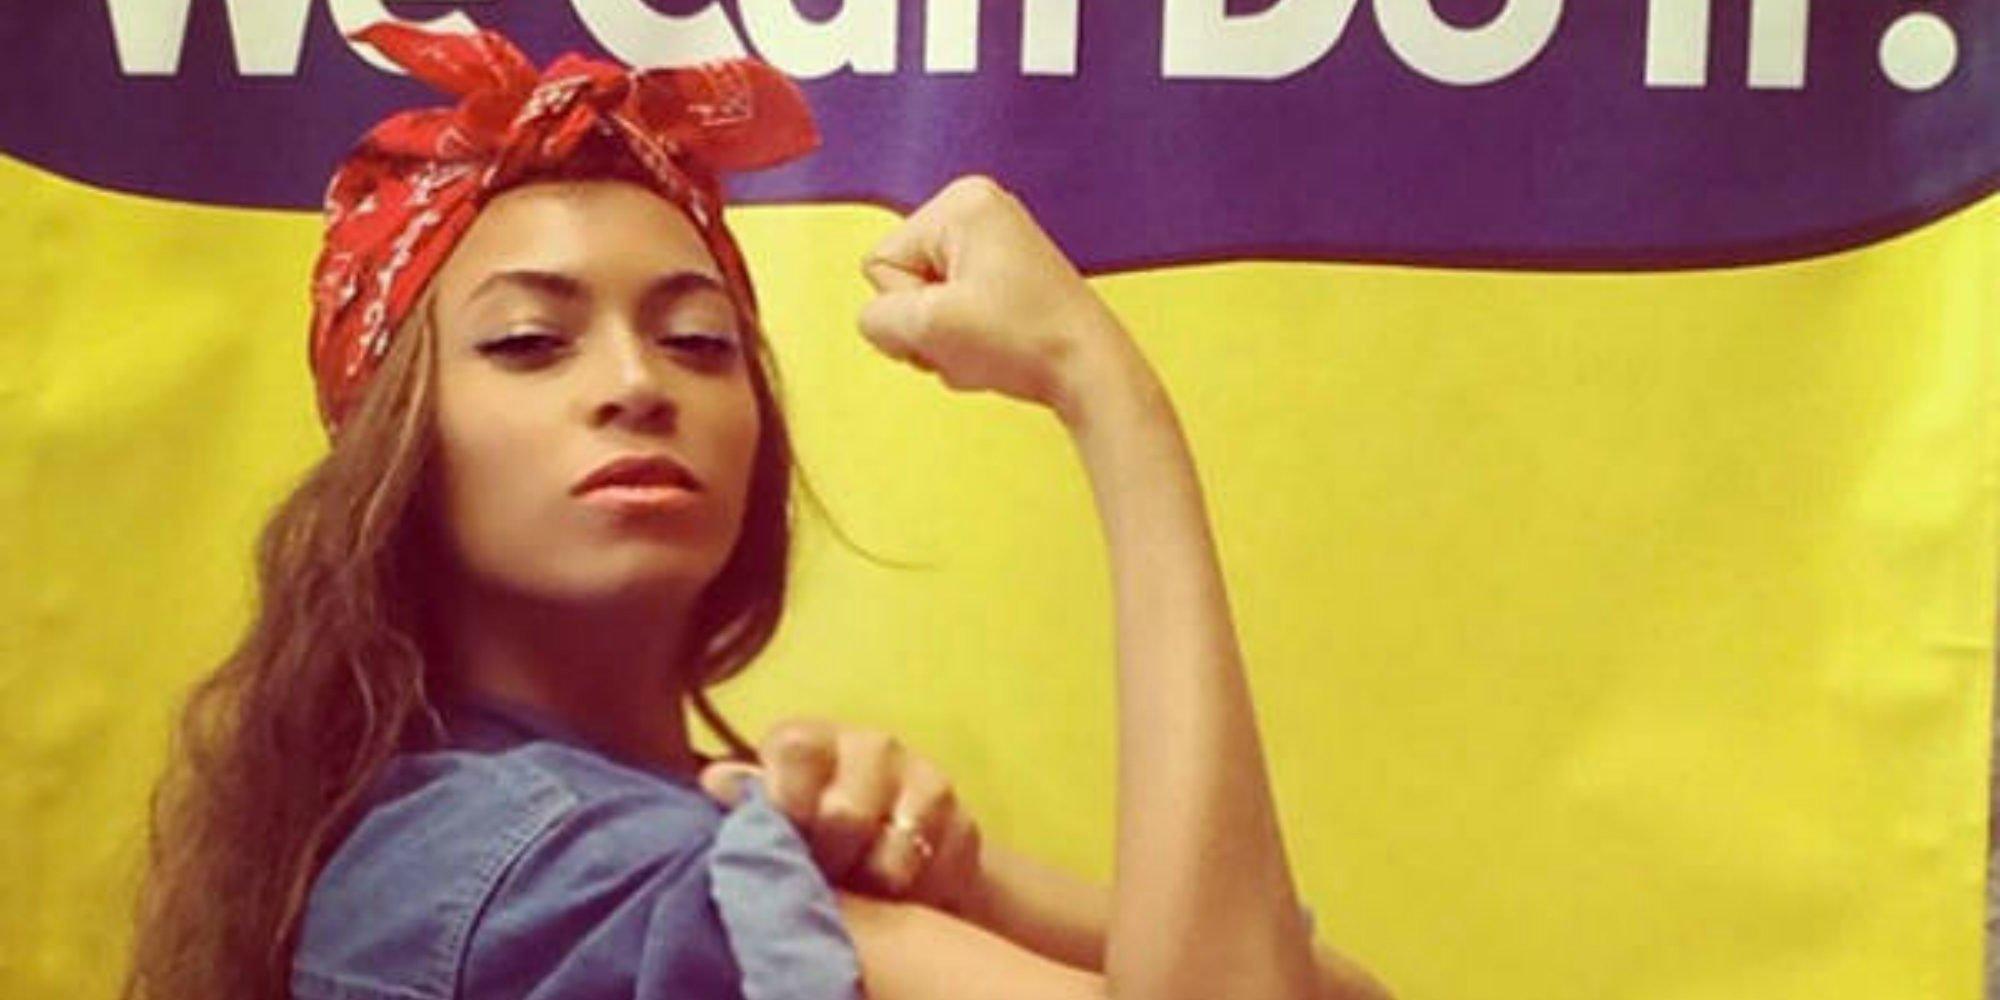 Famosas feministas: Las artistas y activistas que reivindican la igualdad de derechos entre hombres y mujeres